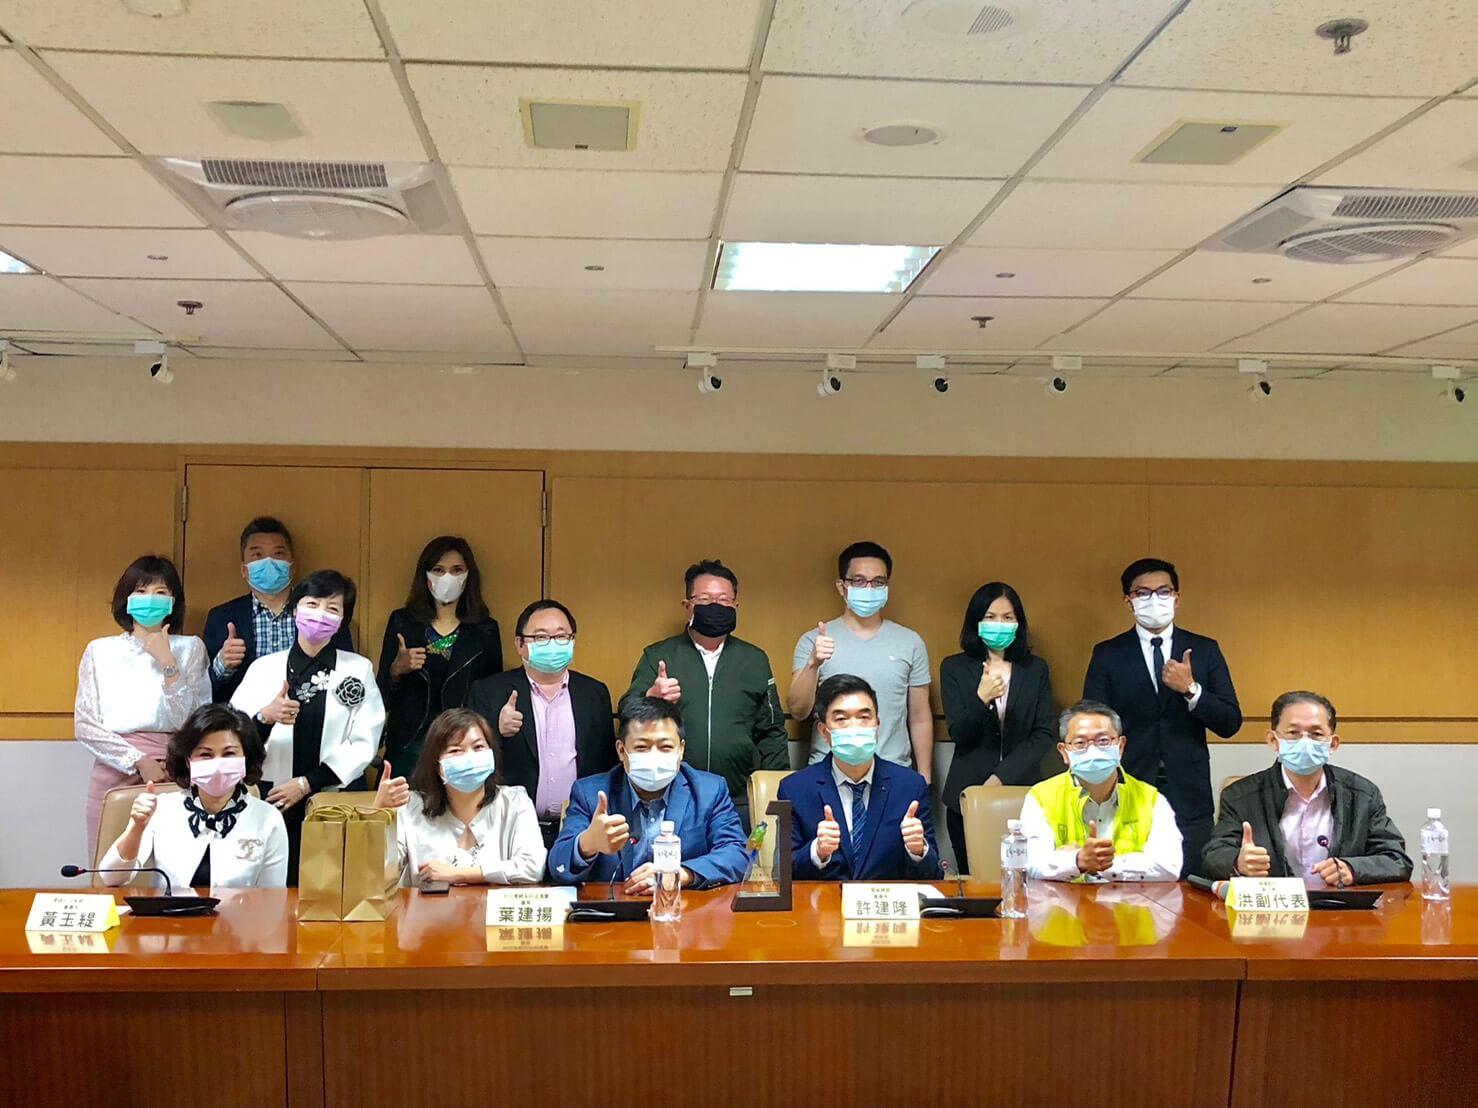 20-0410 【台日產業參訪】 台灣口罩國家隊-關貿網路公司